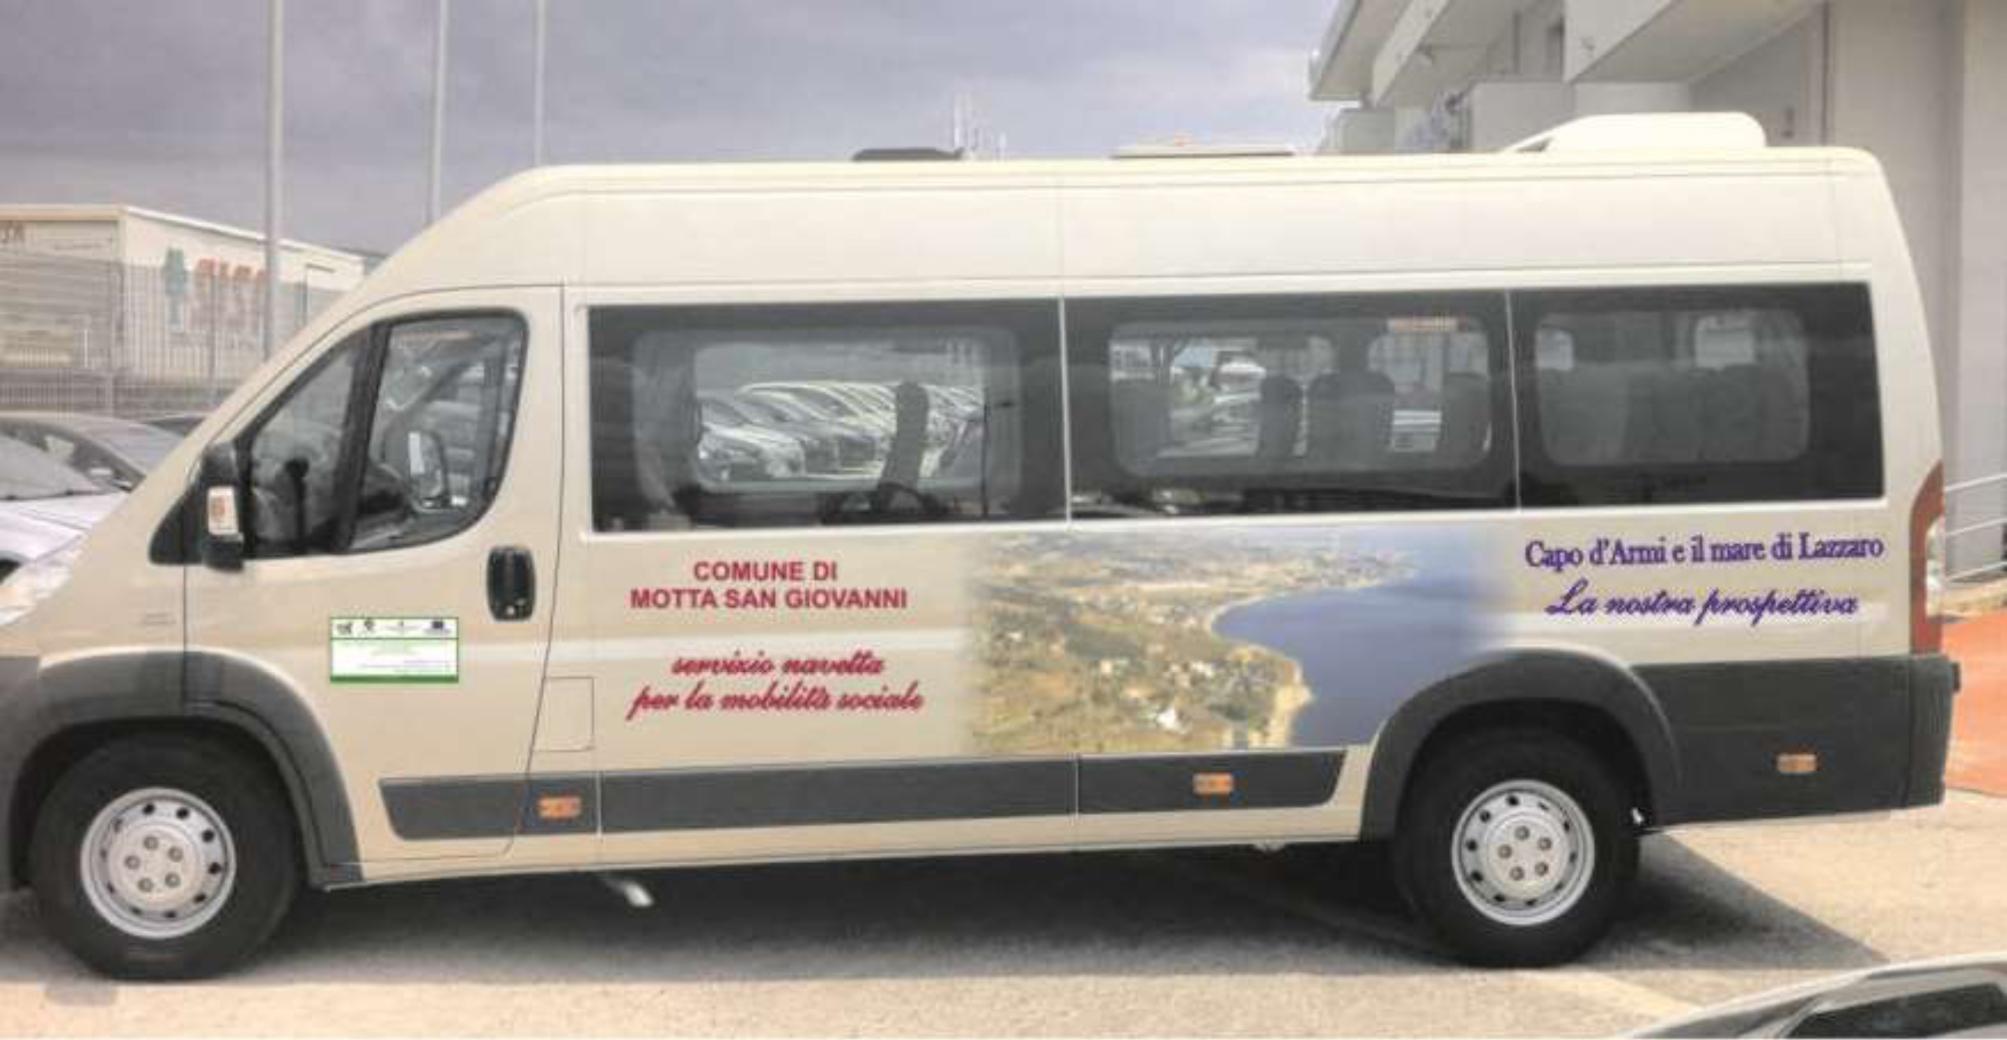 Motta, utilizzo improprio dello scuolabus? Crea: «Interminabile manutenzione che fa riflettere»